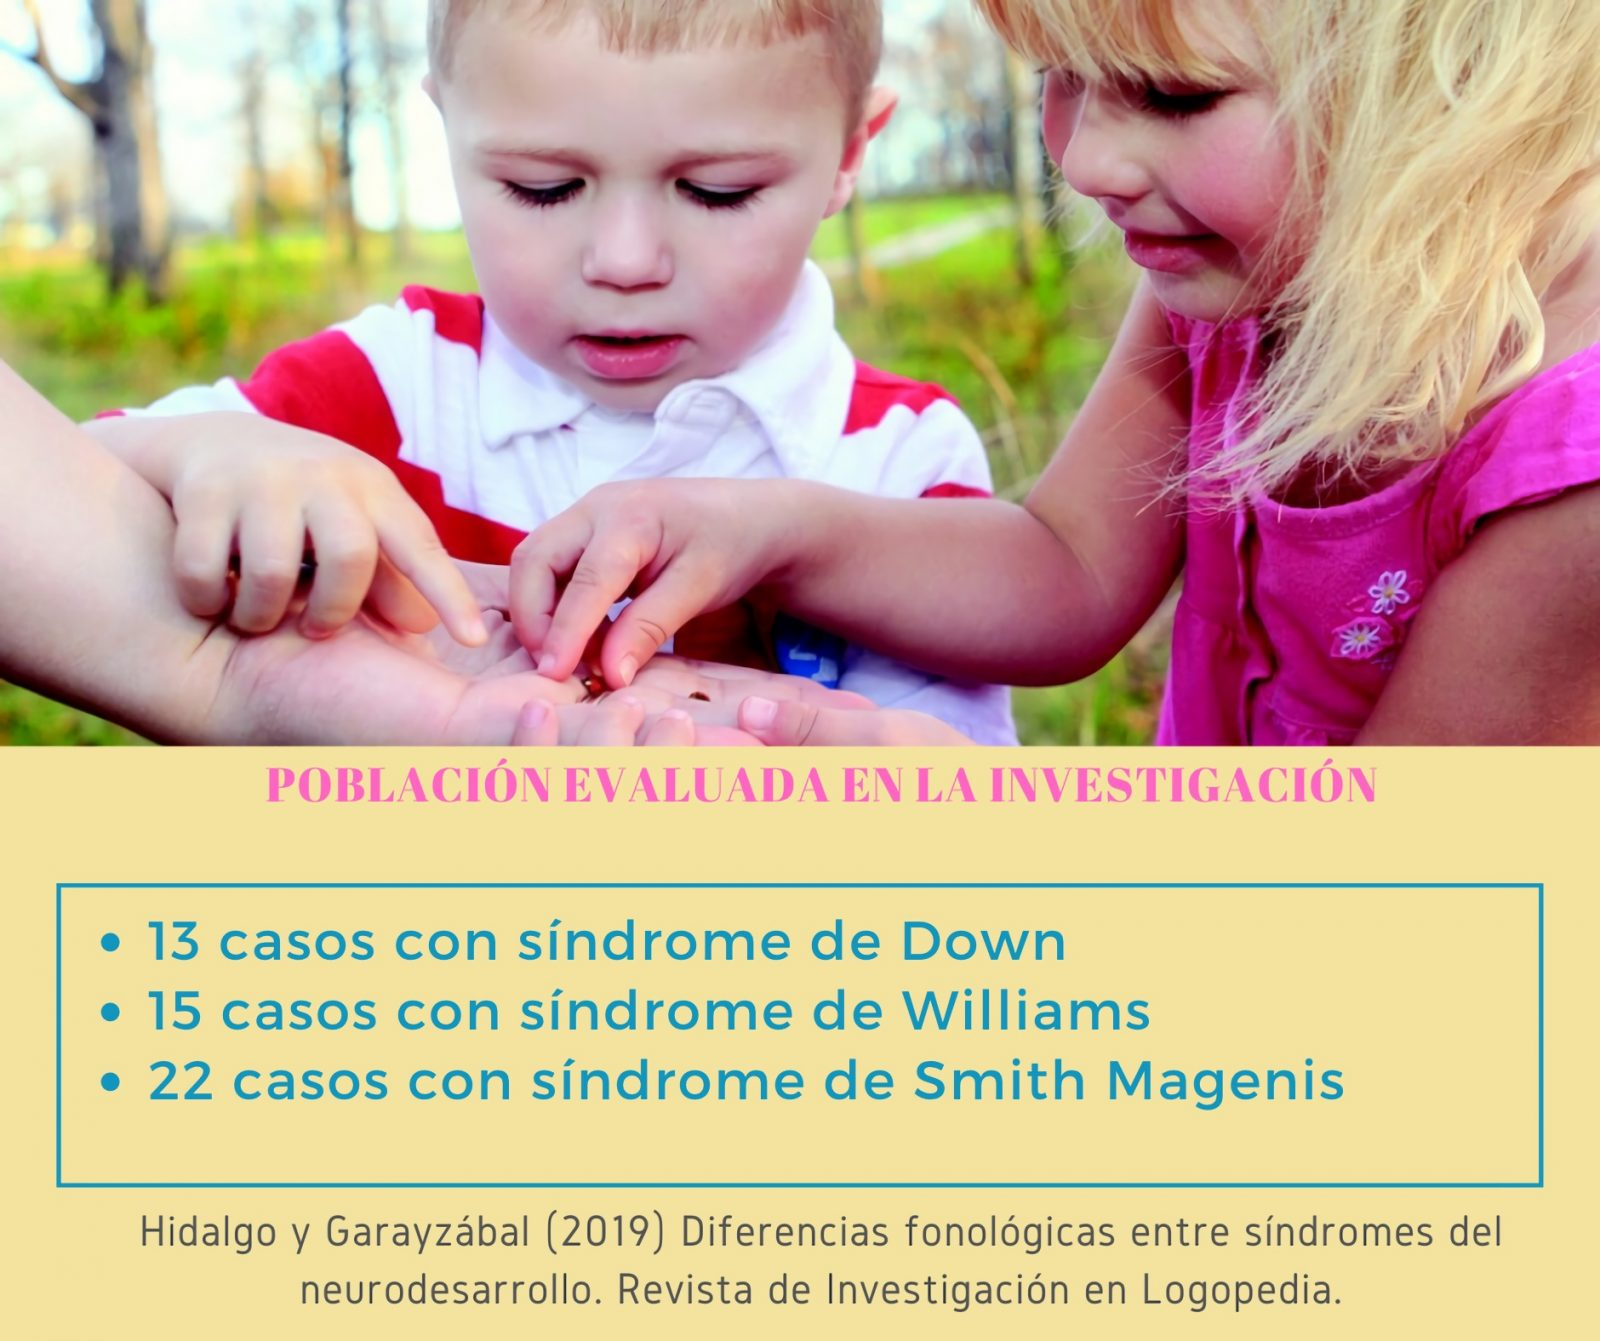 en logopedia: el Smith Magenis versus otros síndromes